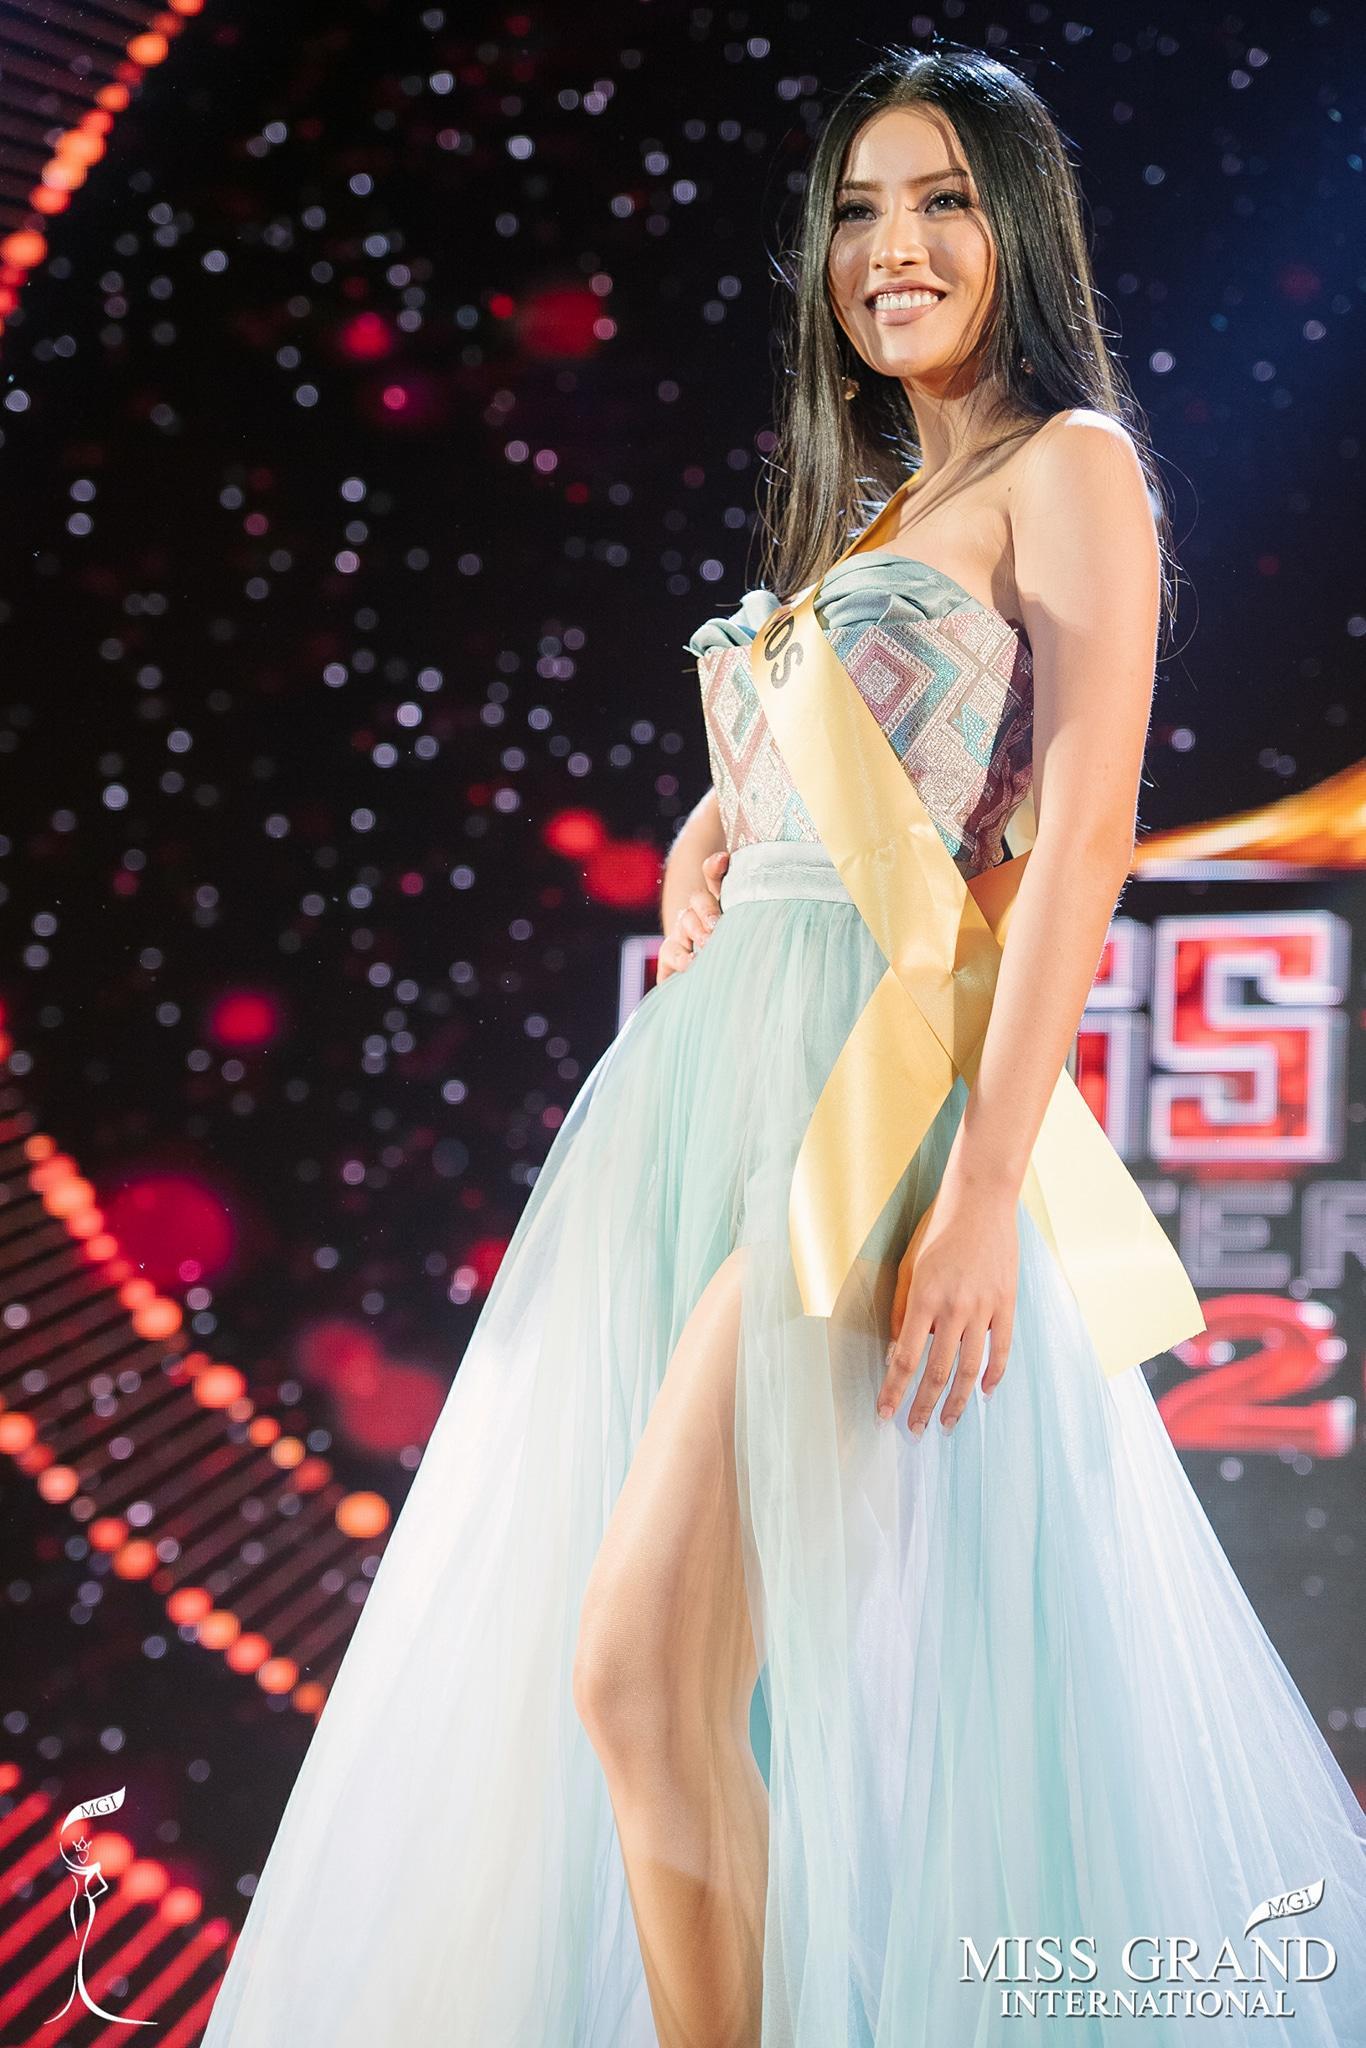 Huyền My trượt top 10 thí sinh được bình chọn nhiều nhất tại Miss Grand 2017-5